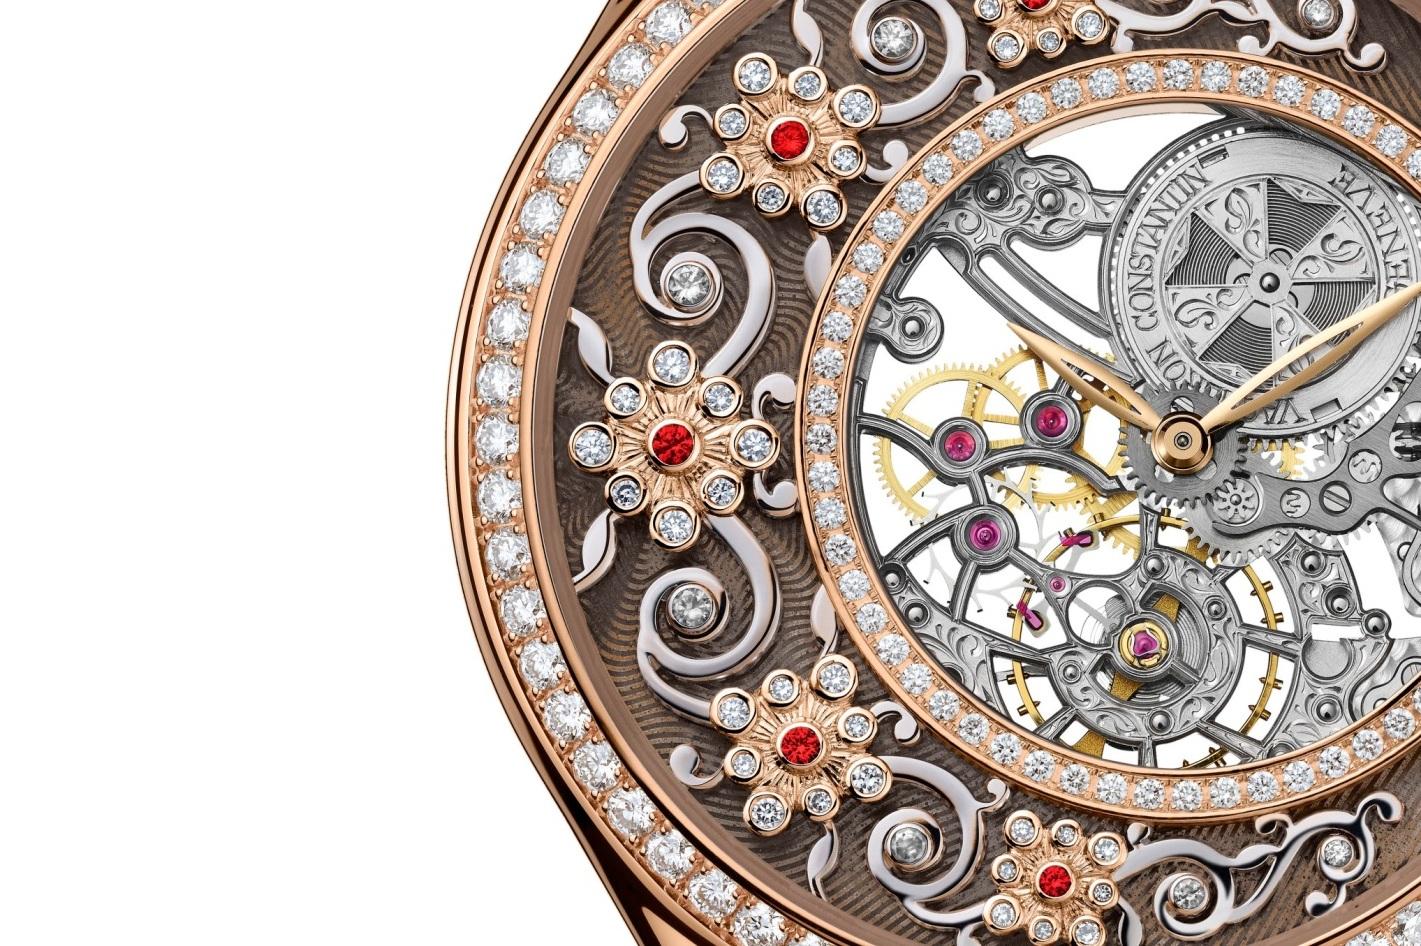 mặt số đồng hồ Vacheron Constantin Métiers d'Artux Ornements